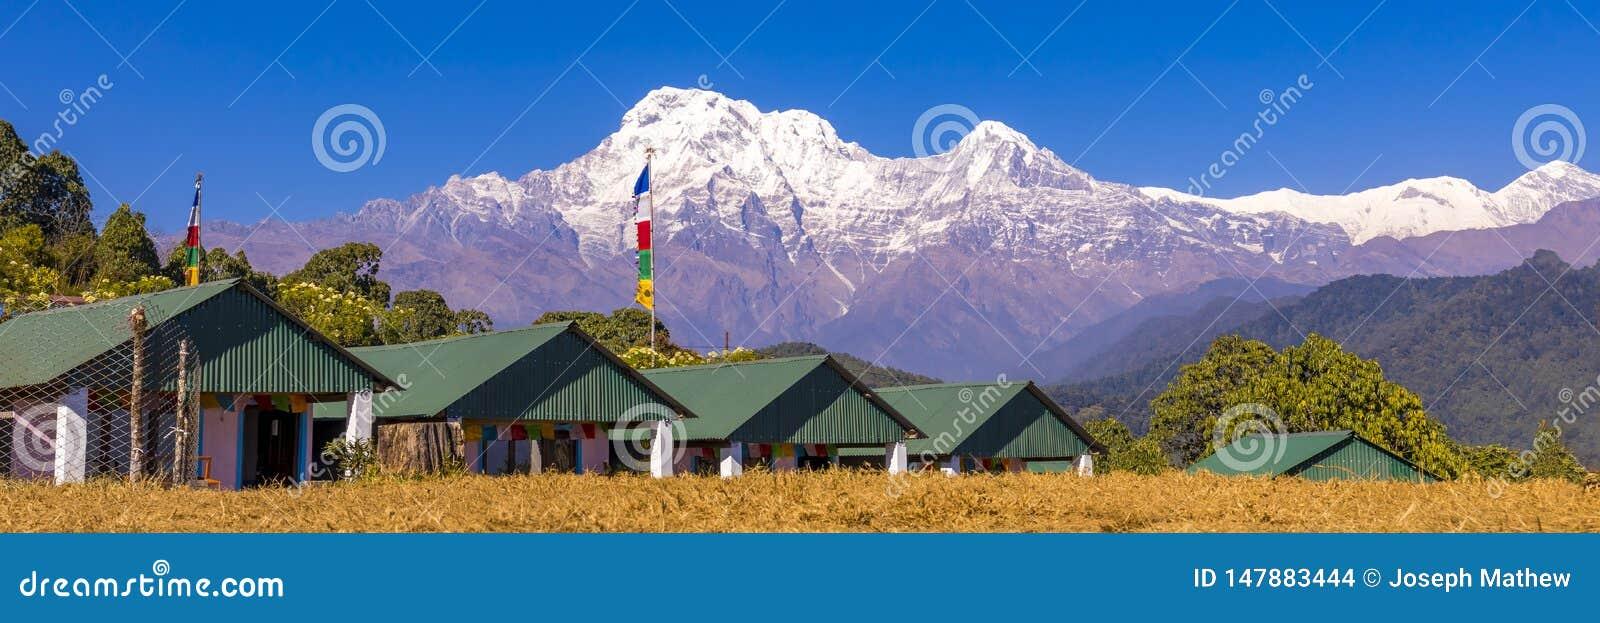 Vista panoramica della montagna di Annapurna dal campo base australiano Nepal